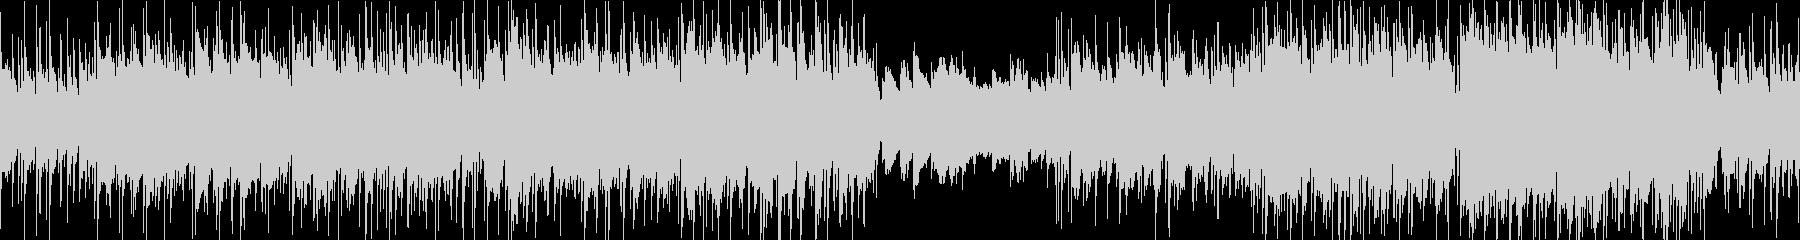 ファンタジーRPG爽やかケルト・ループ版の未再生の波形